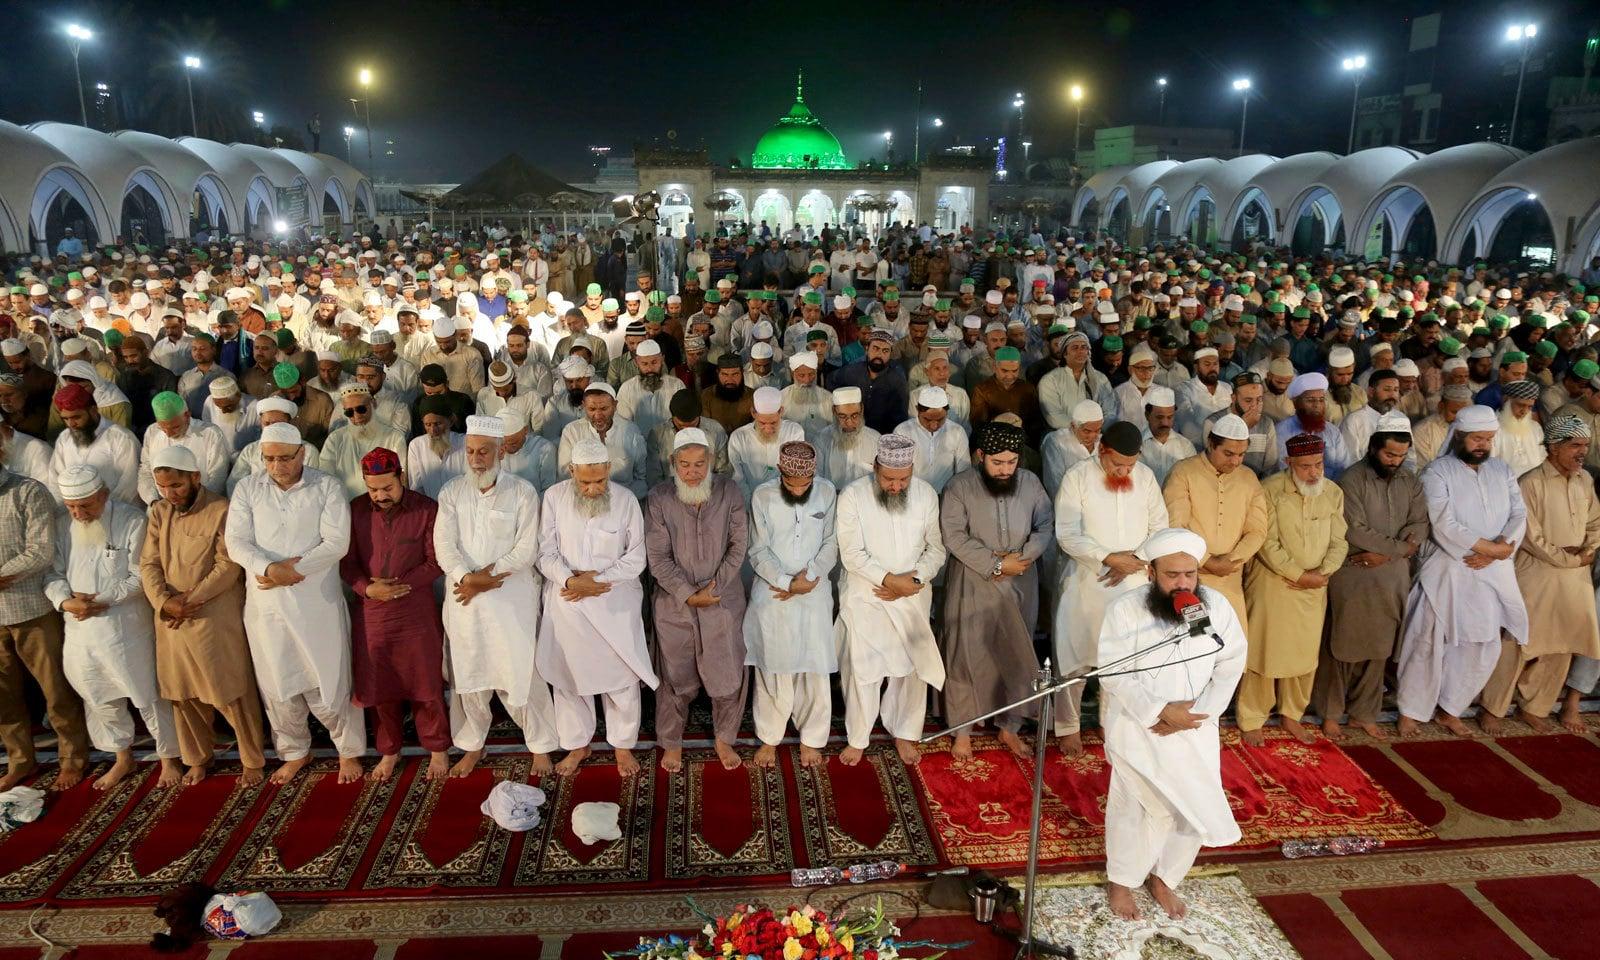 لاہور کی ایک مسجد میں نماز تراویح ادا کی جارہی ہے — فوٹو: اے پی